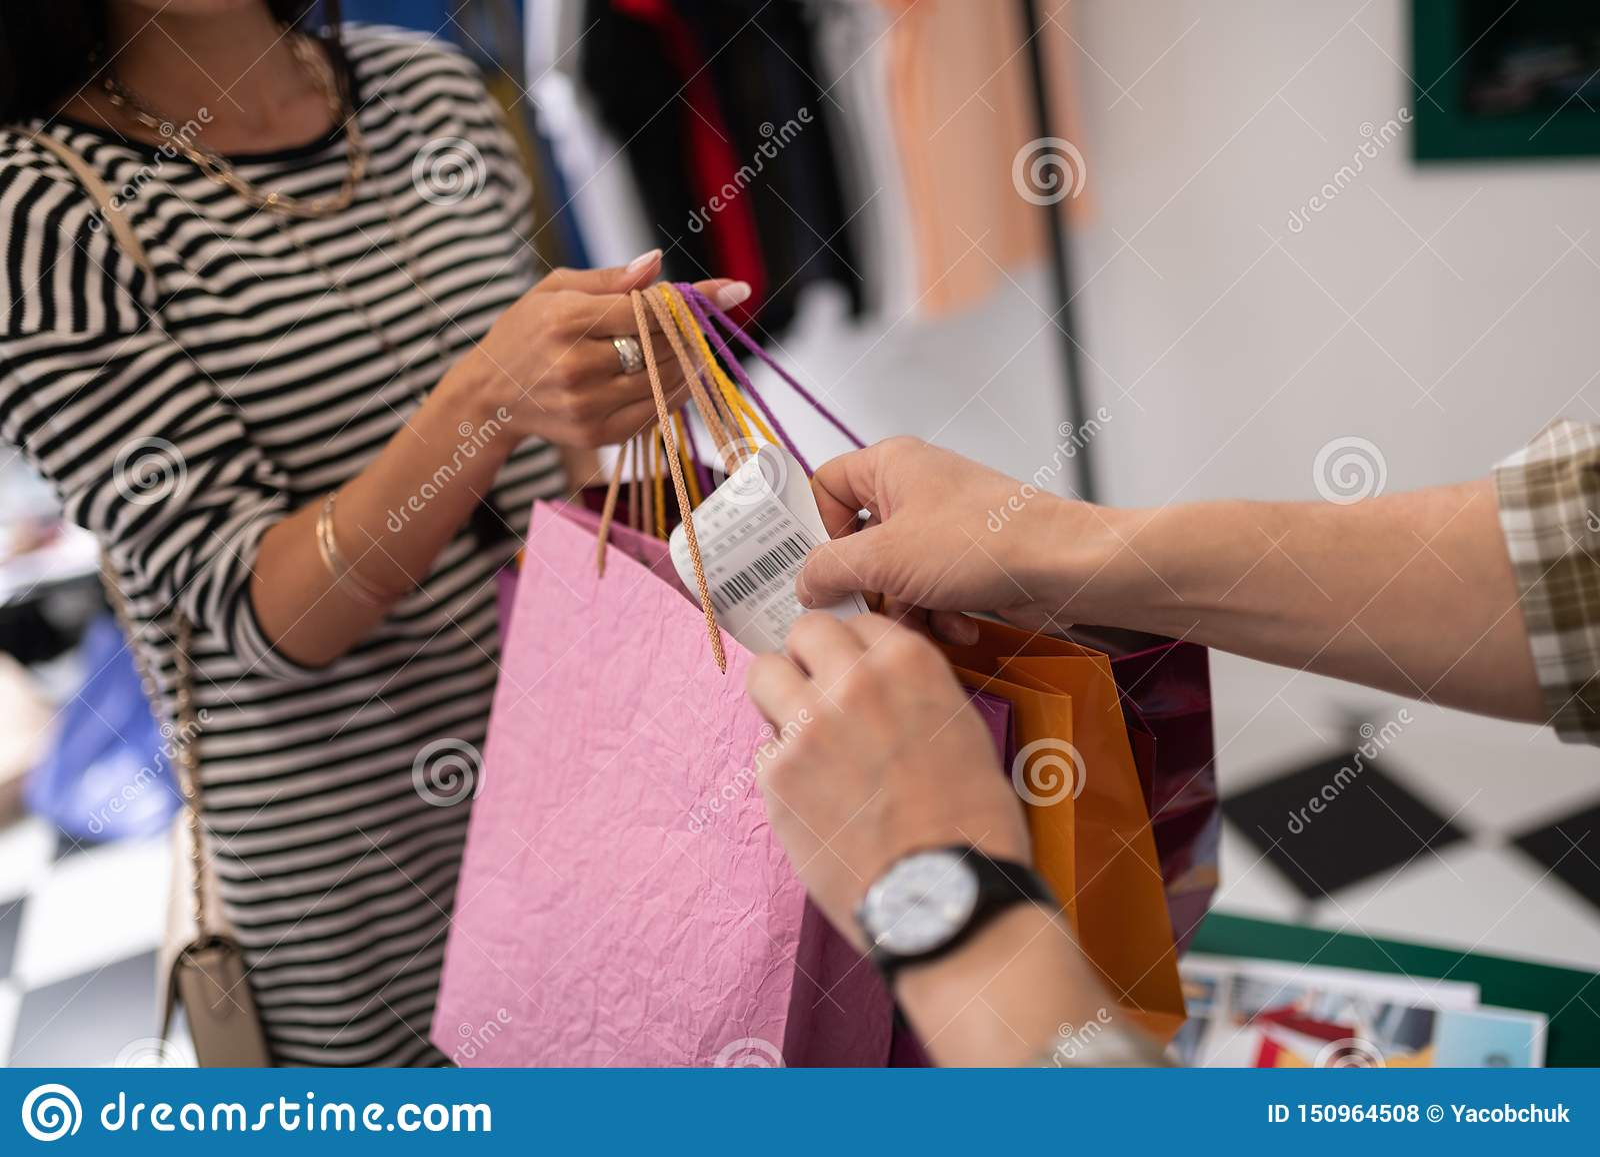 Närbildskott av kassörskan som sätter ett kvitto till den shoppa packen